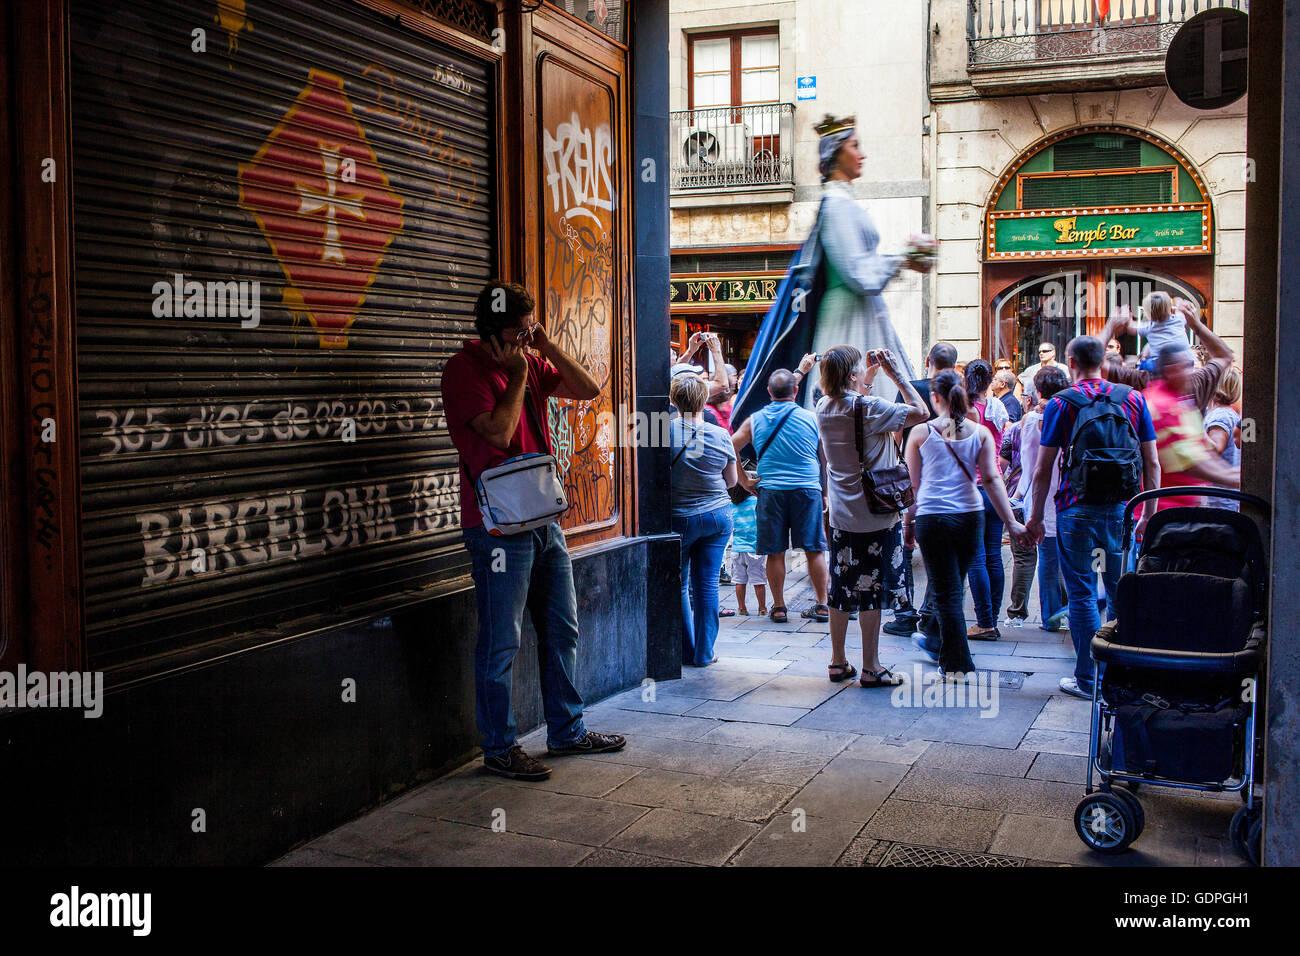 Riesen während La Merce Festival in Ferran Straße.  Barcelona. Katalonien. Spanien Stockfoto